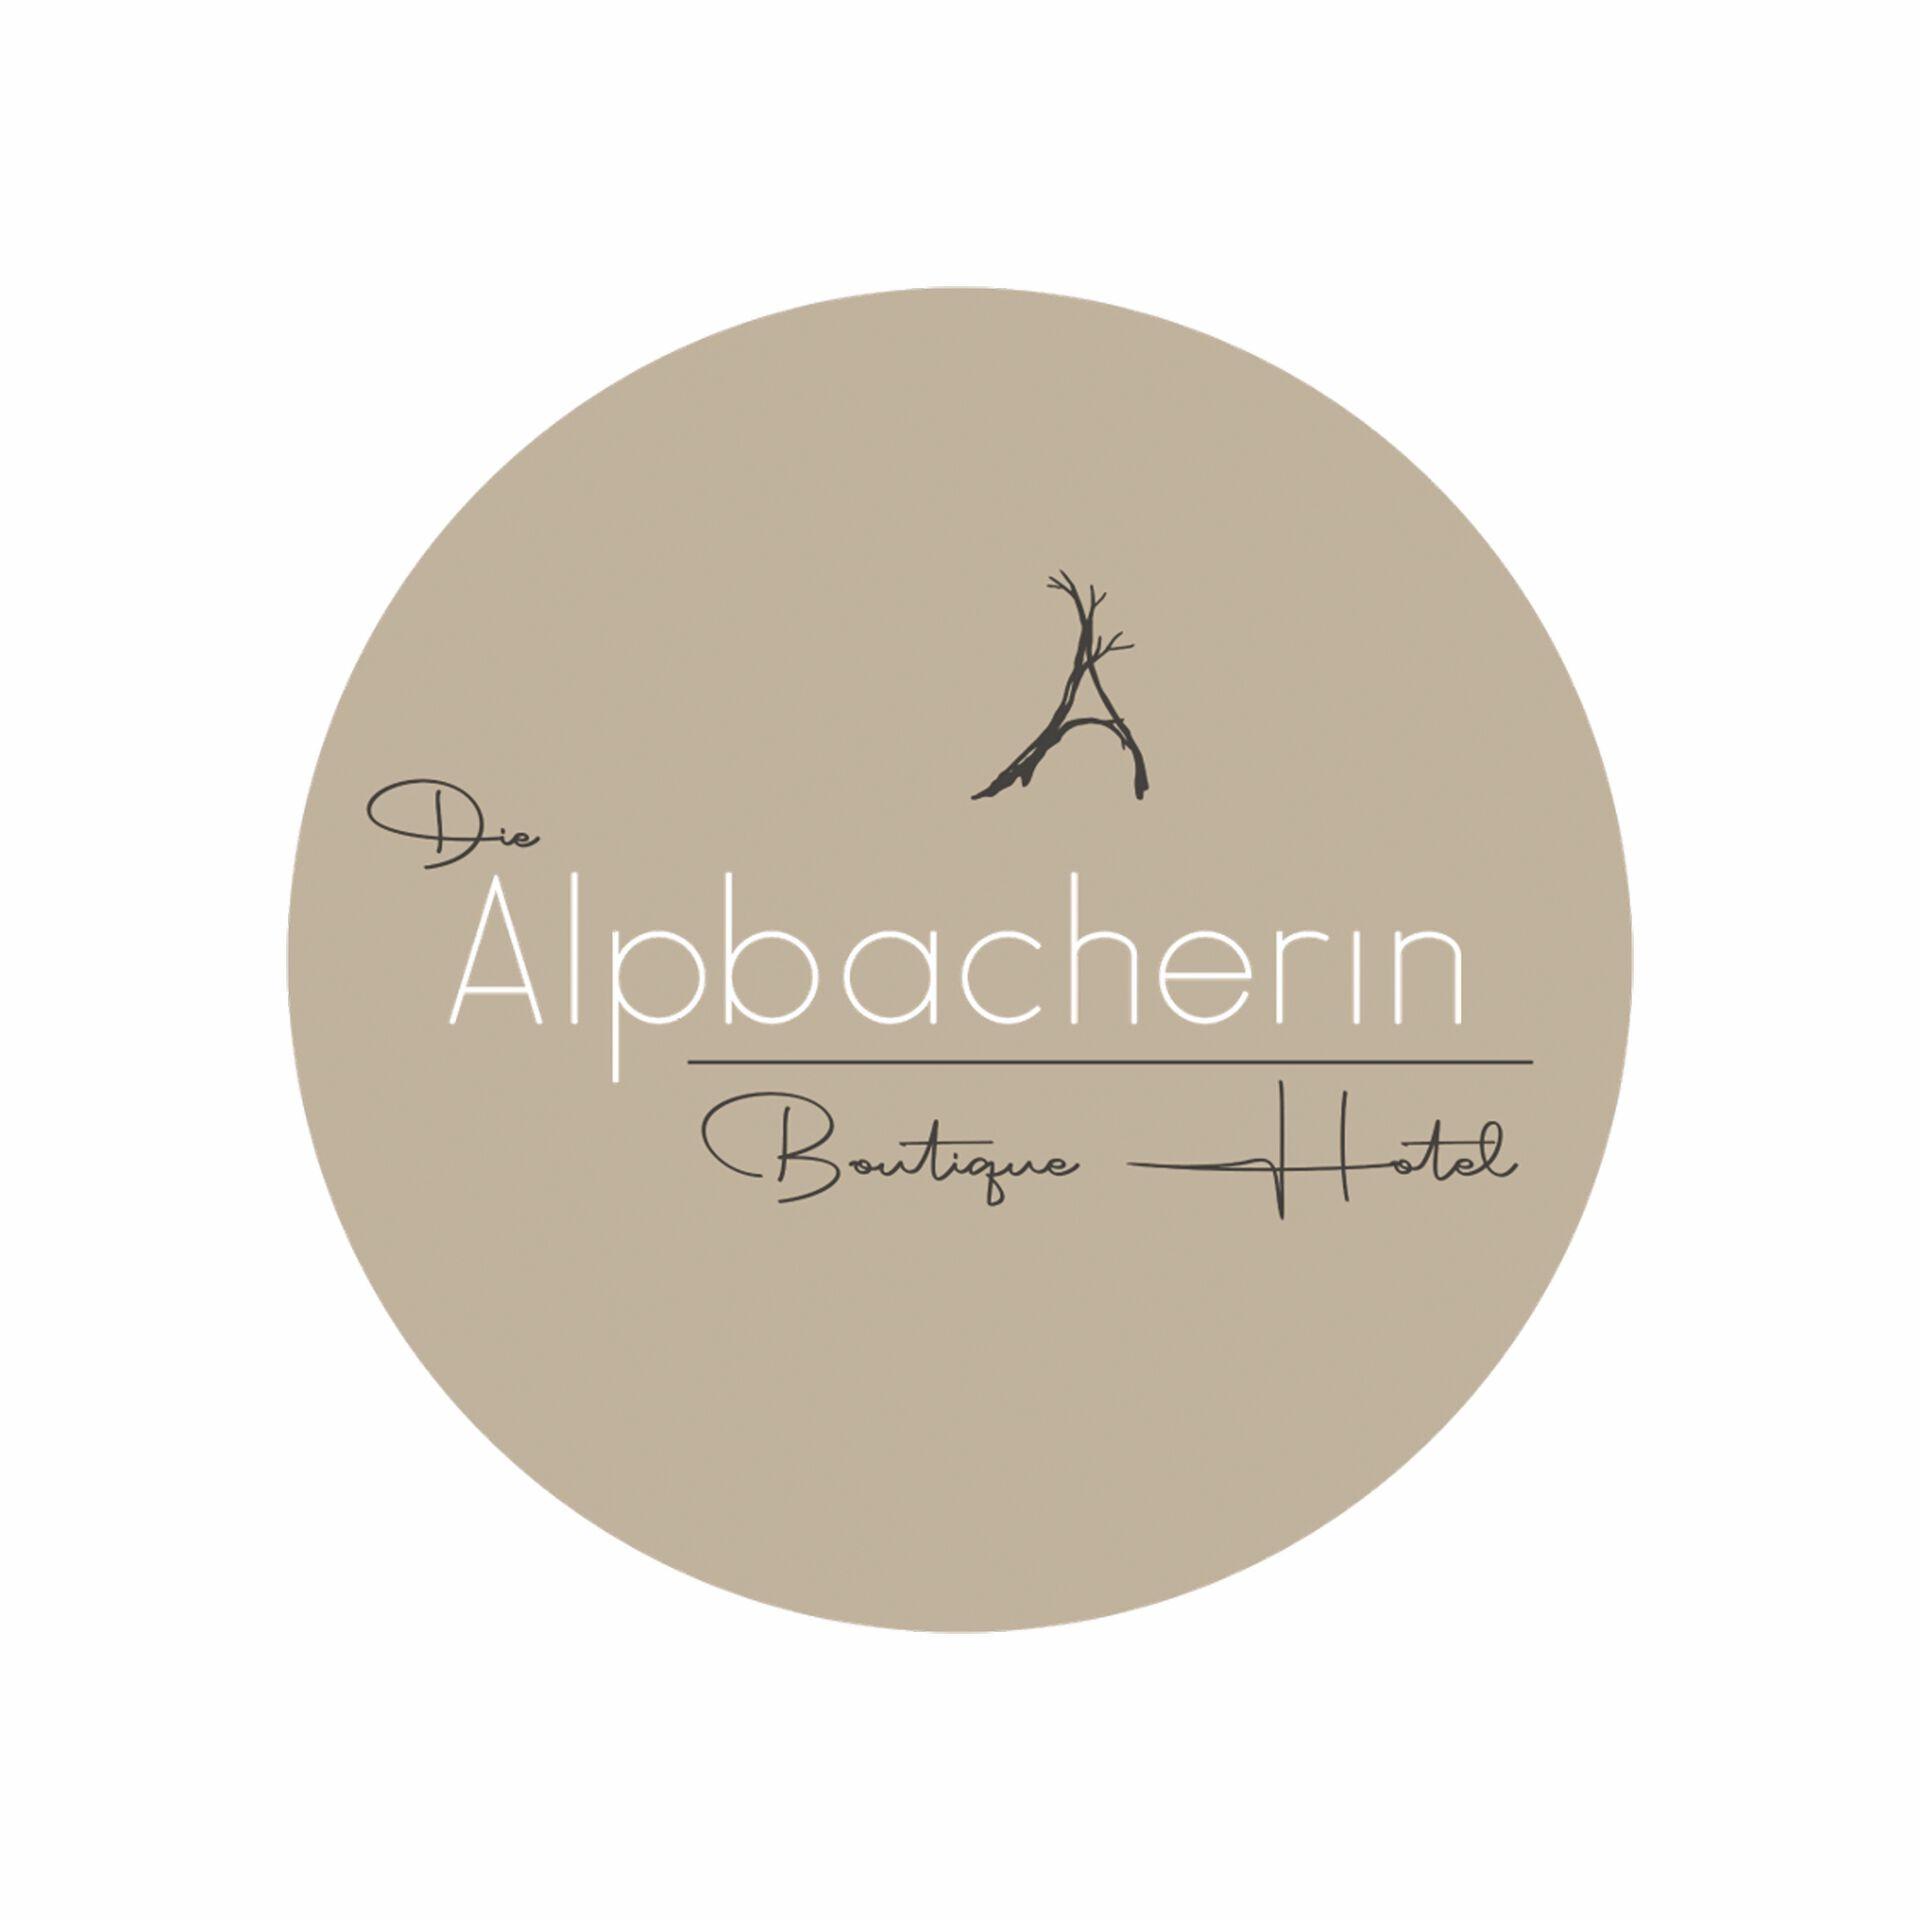 Die Alpbacherin